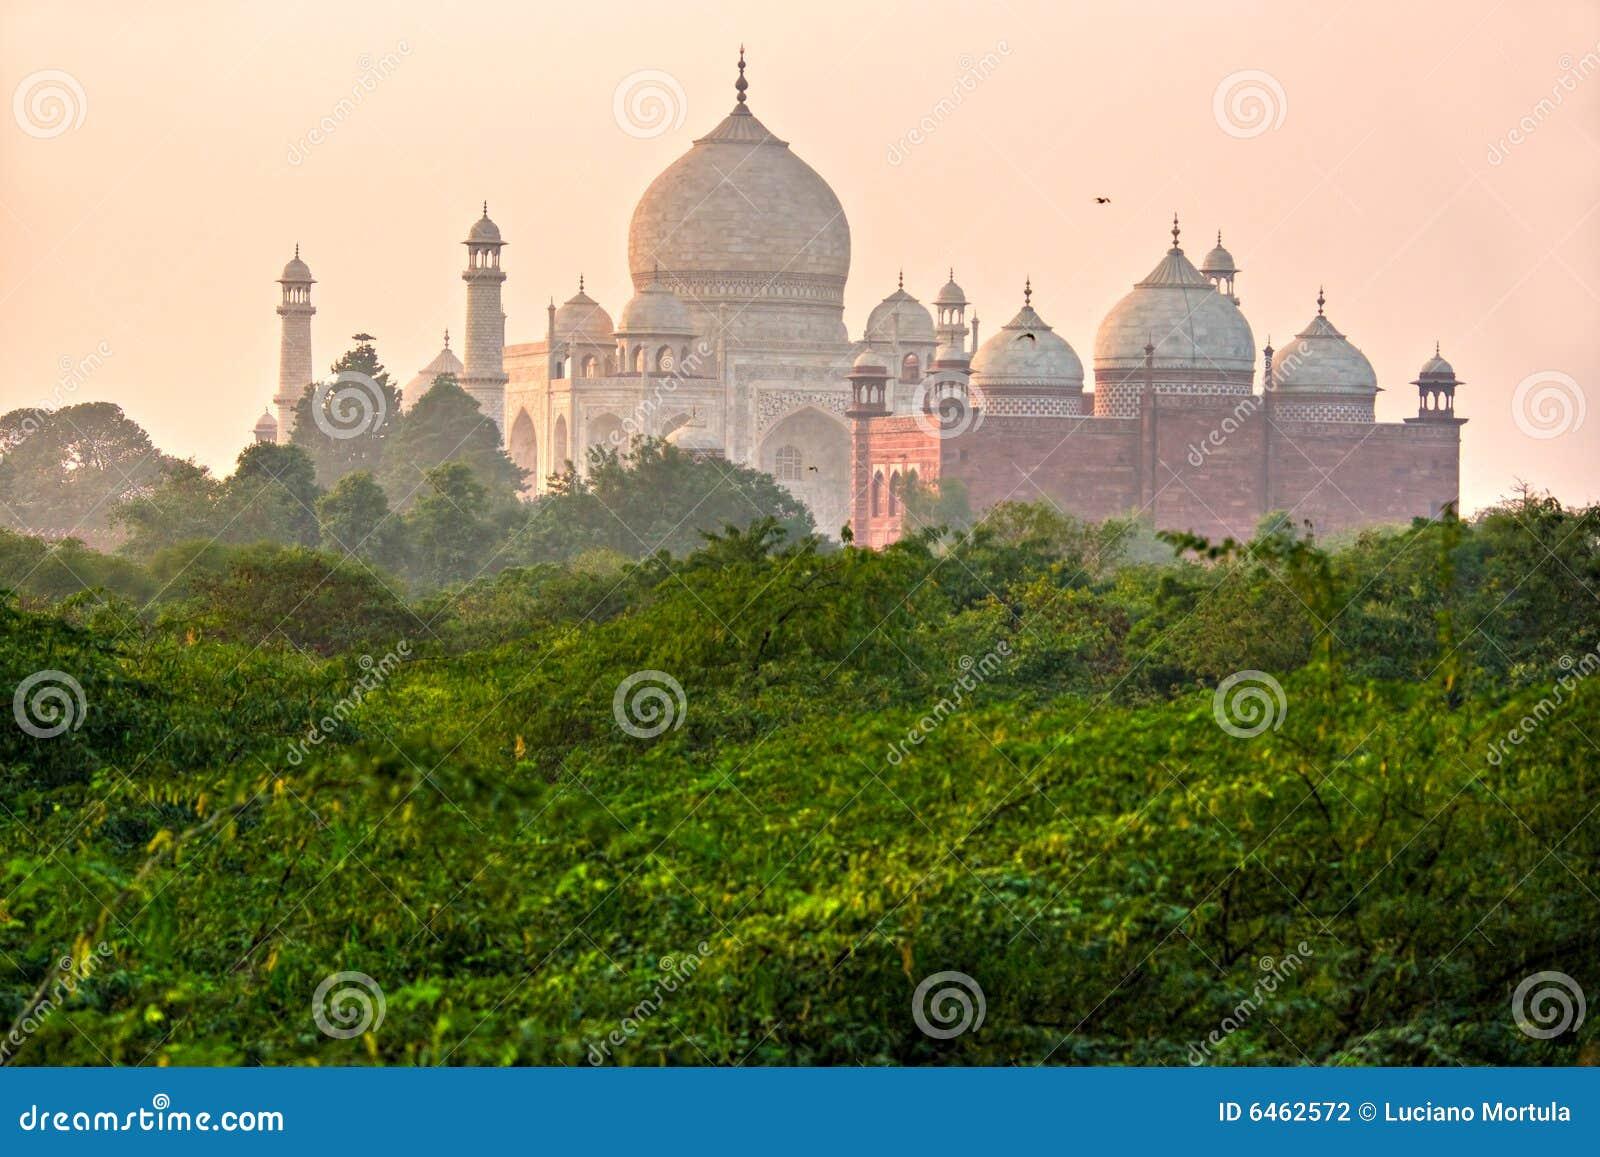 Agra indu pradesh sunset taj mahal uttar